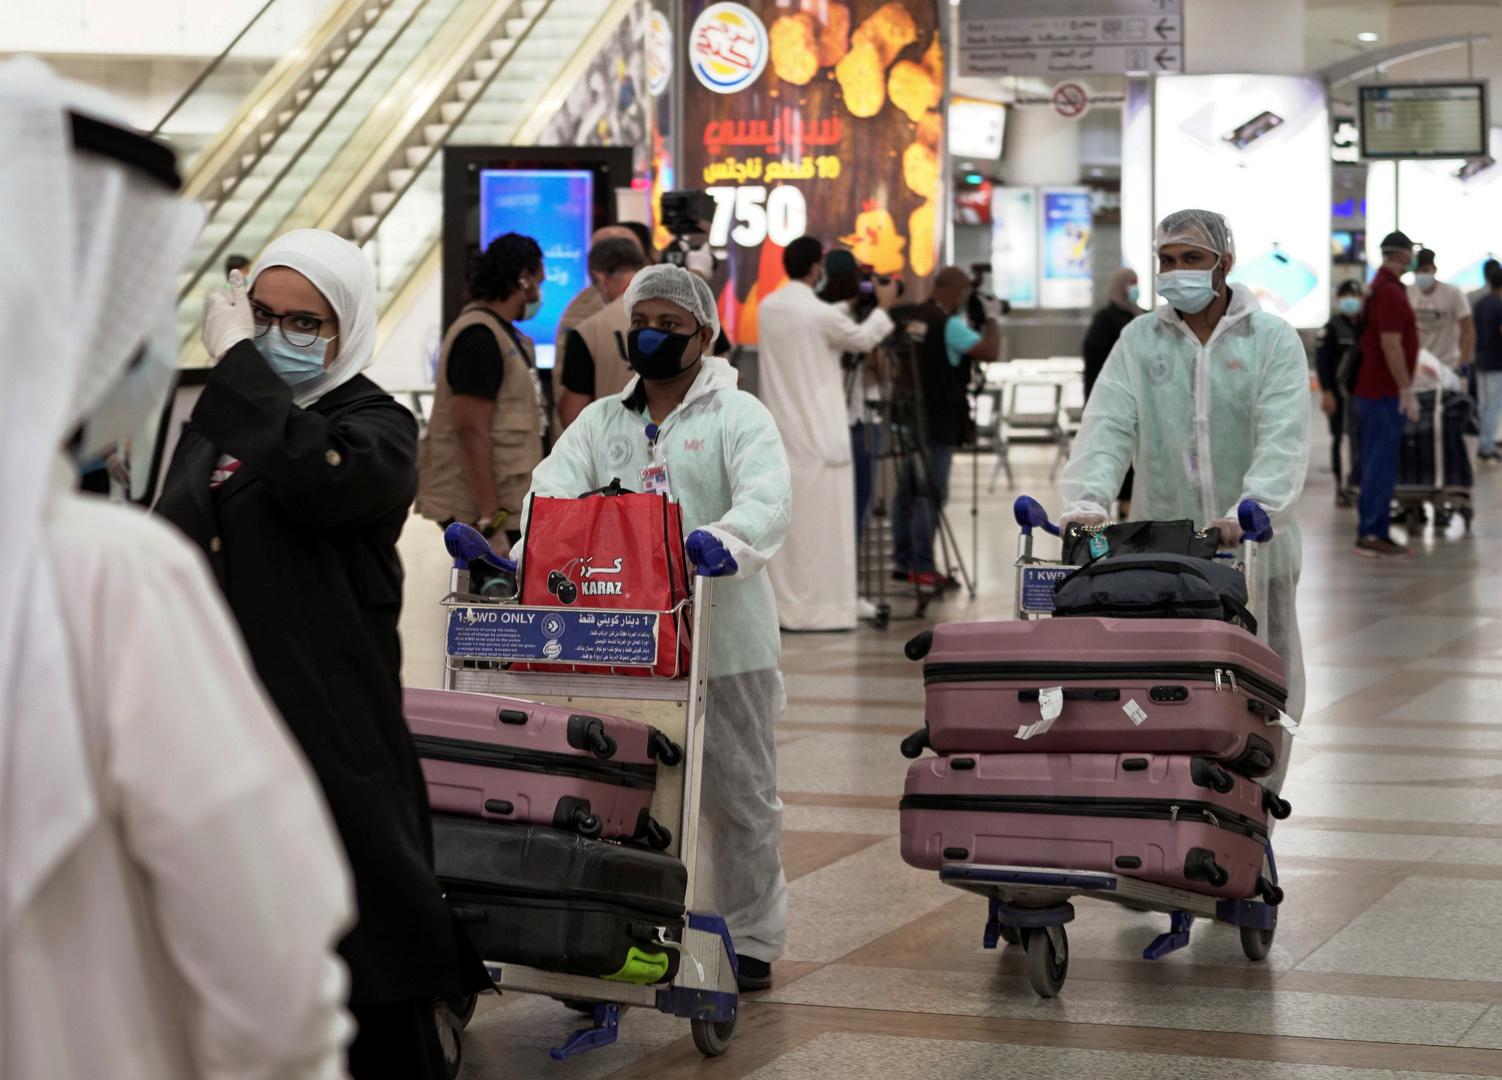 الكويت تسجل أعلى حصيلة إصابات يومية بكورونا منذ بداية الجائحة